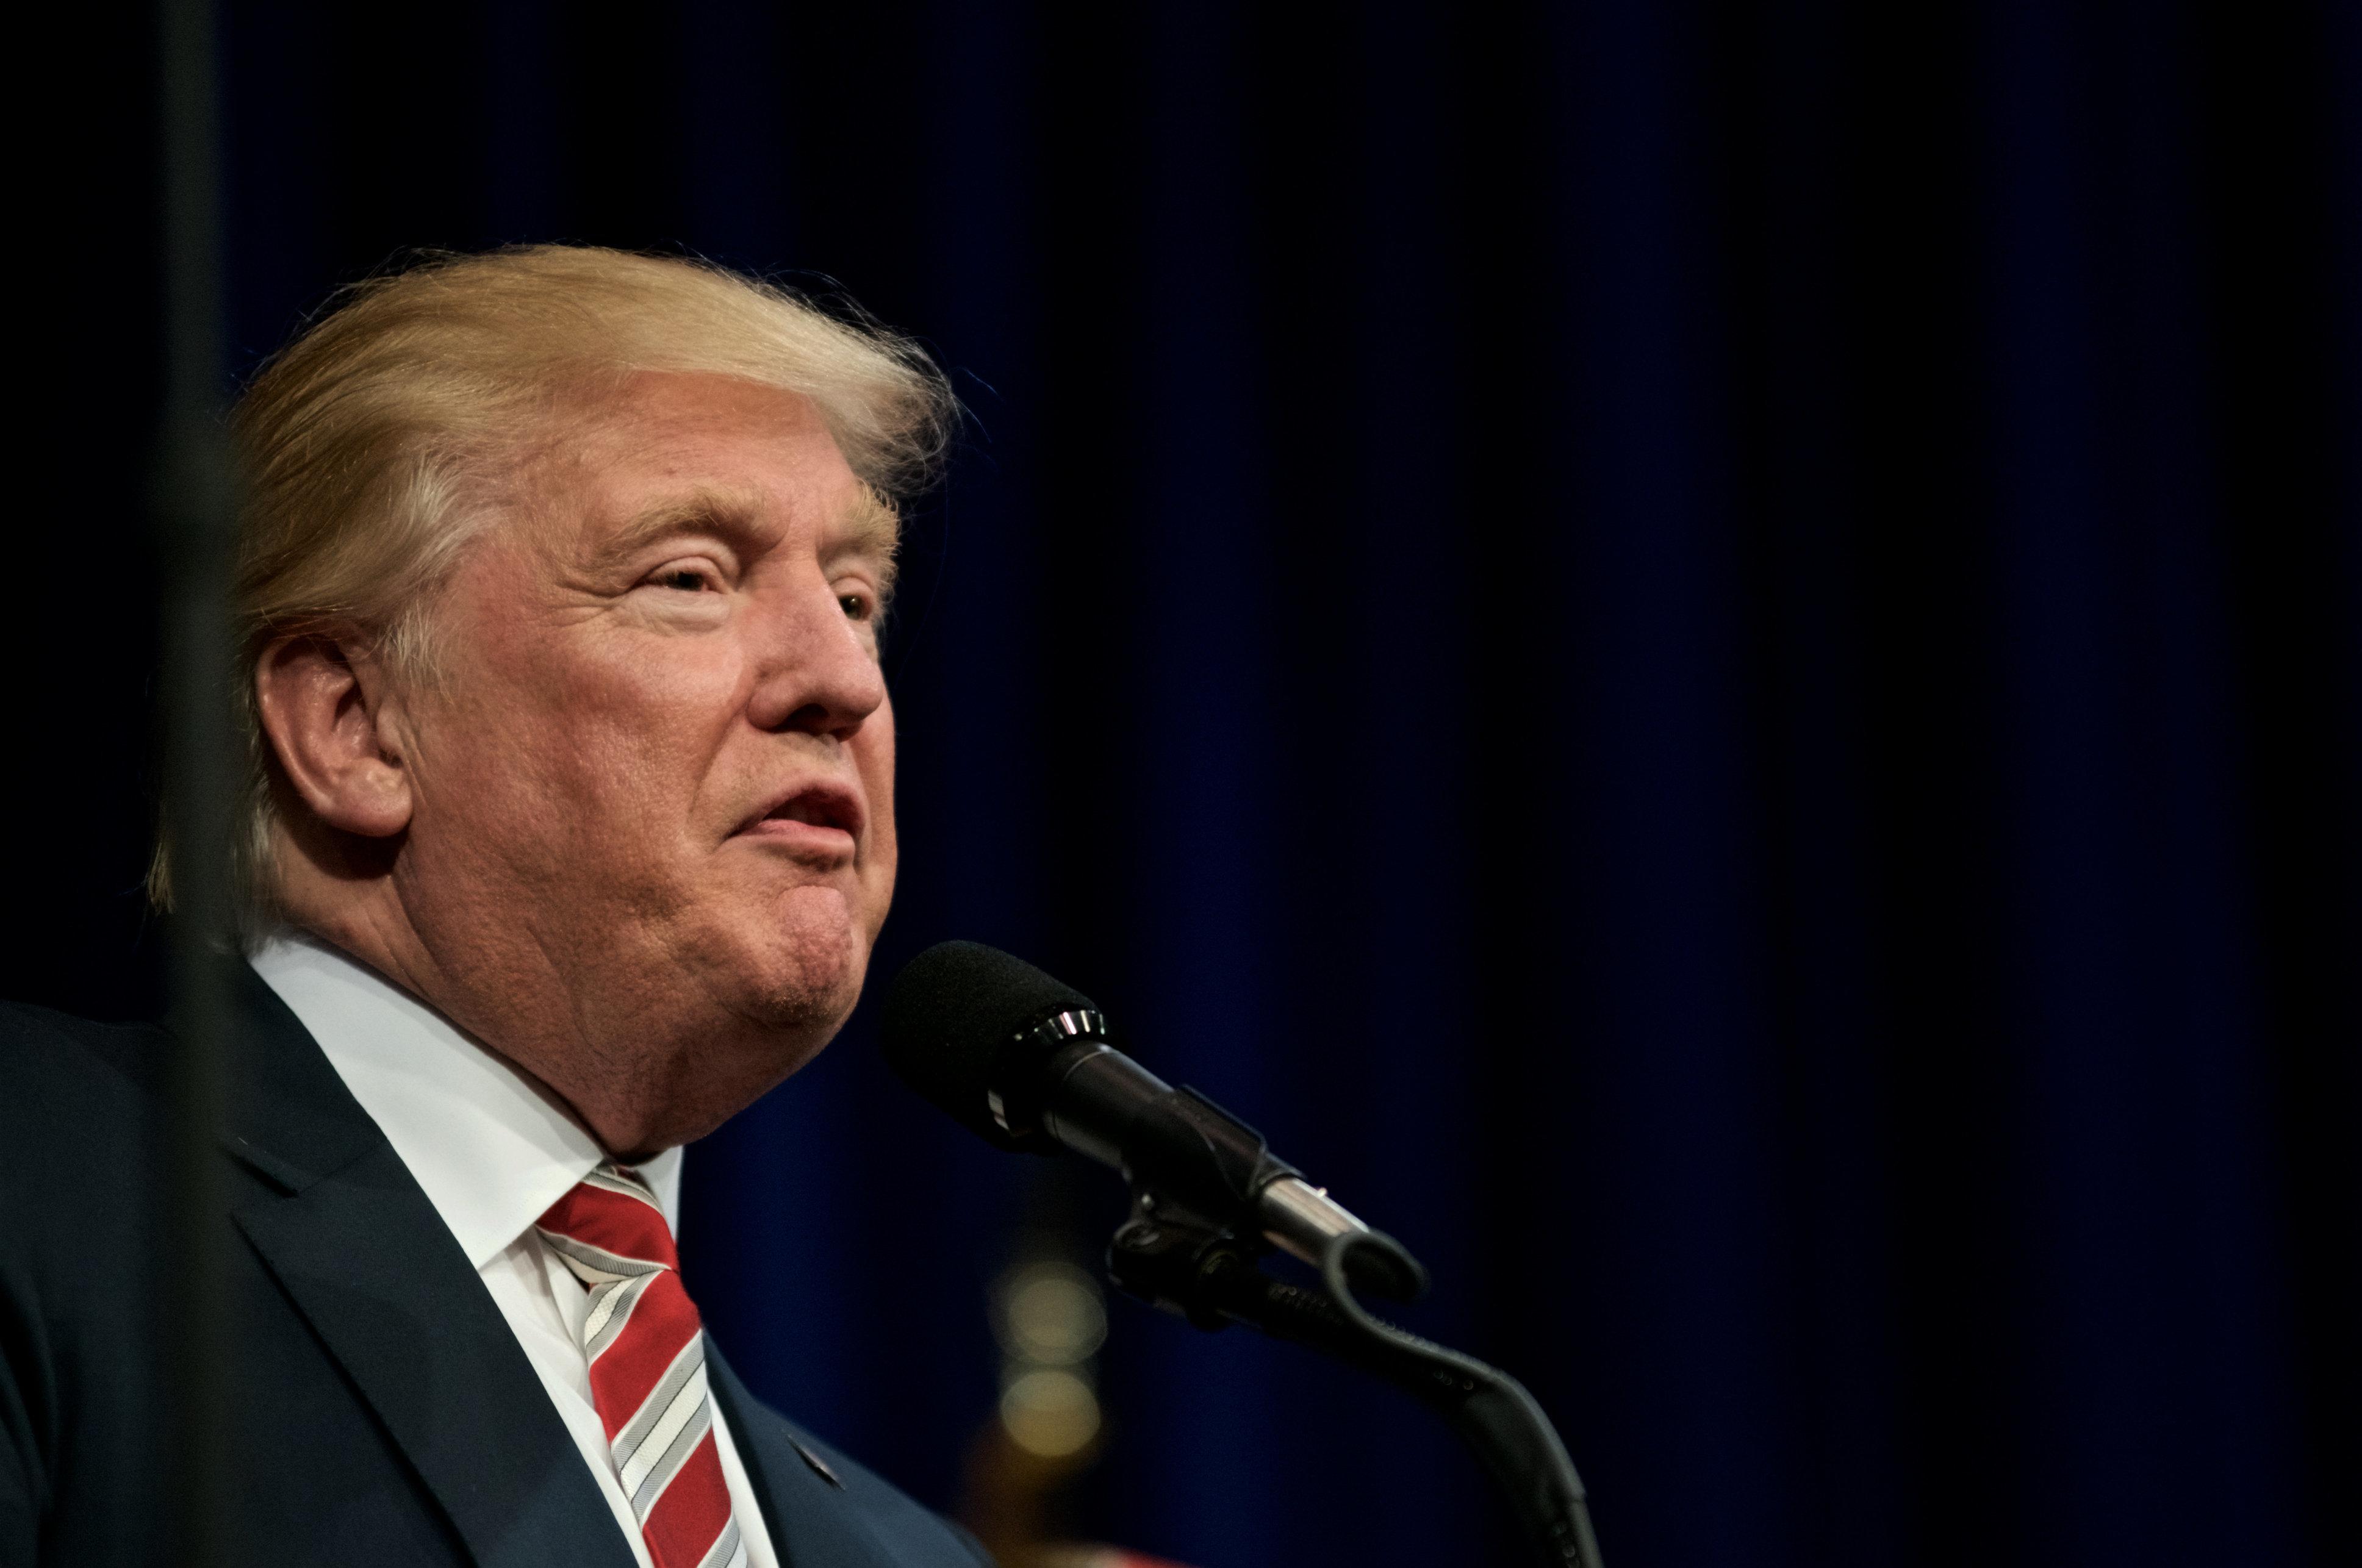 Donald Trump's @RealDonaldTrump isn't going